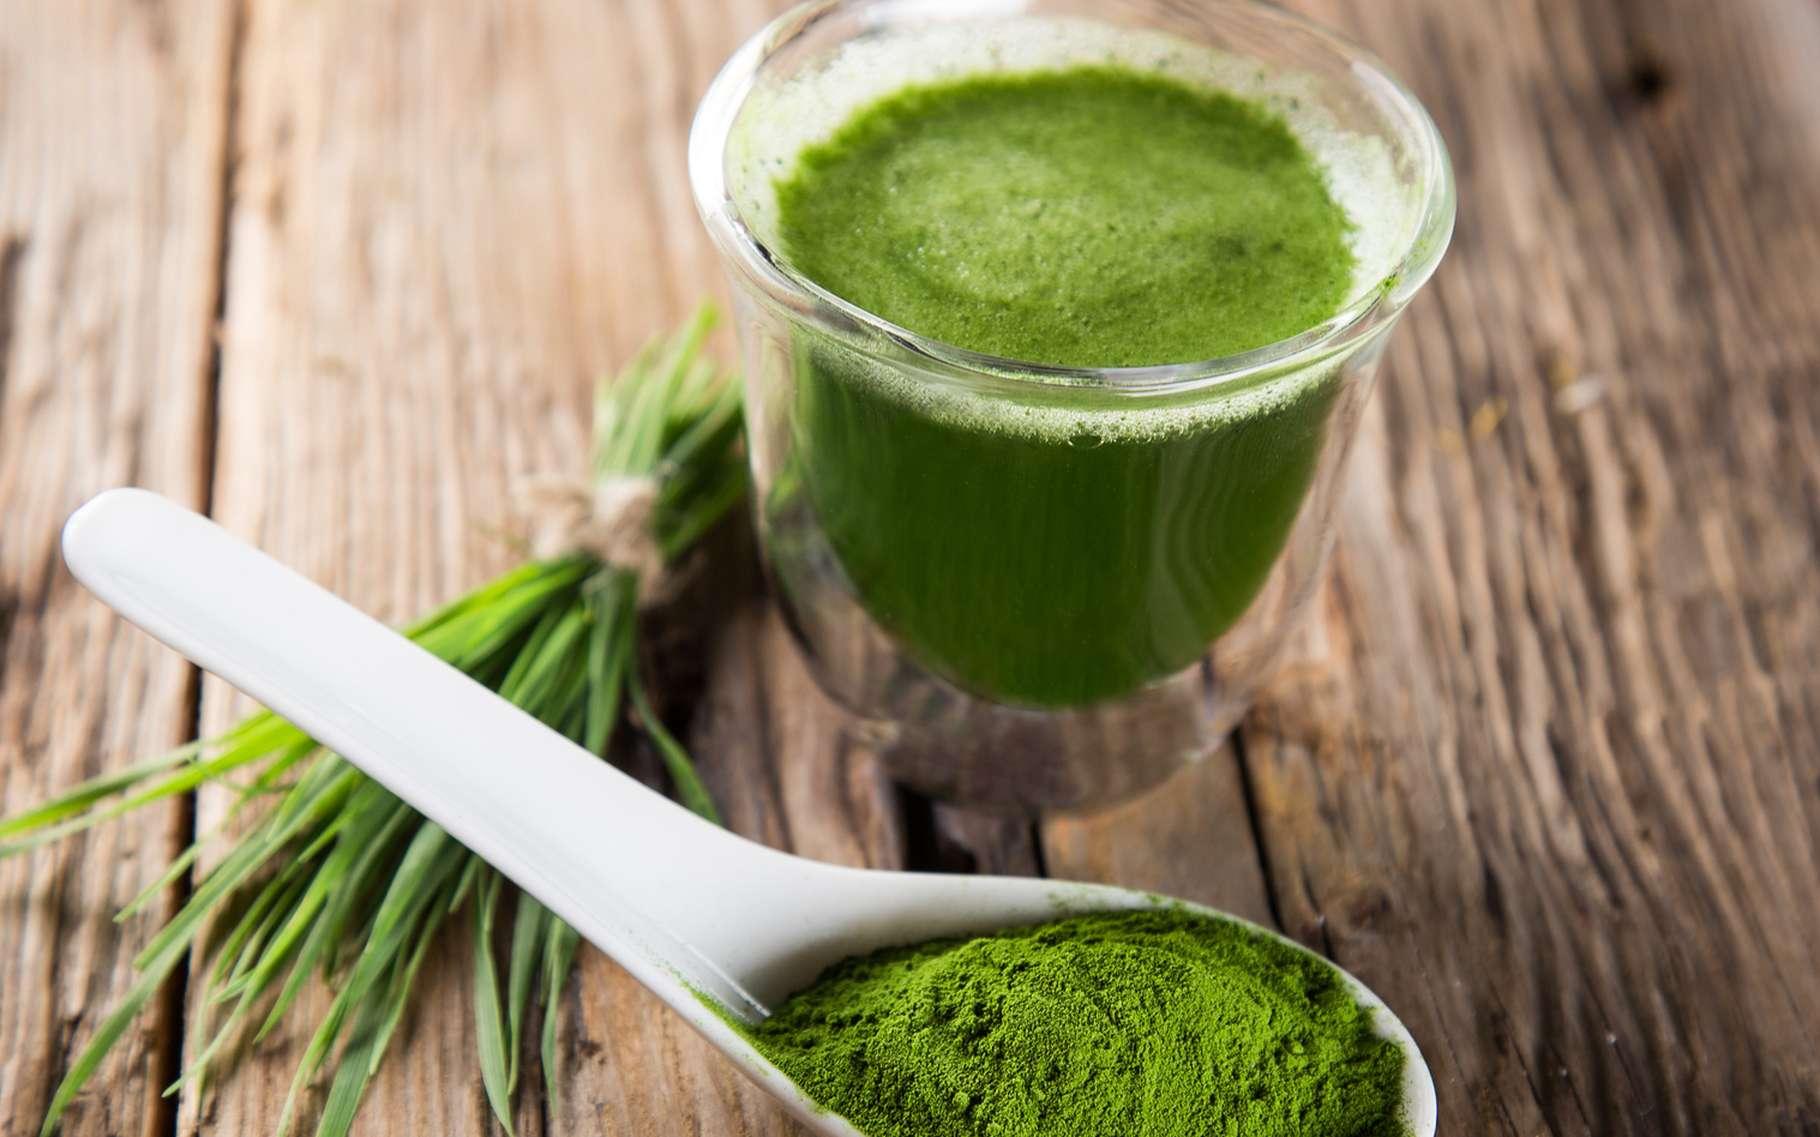 La spiruline est considérée comme l'un des aliments les plus bénéfiques pour la santé. © Lukas Gojda, Shutterstock